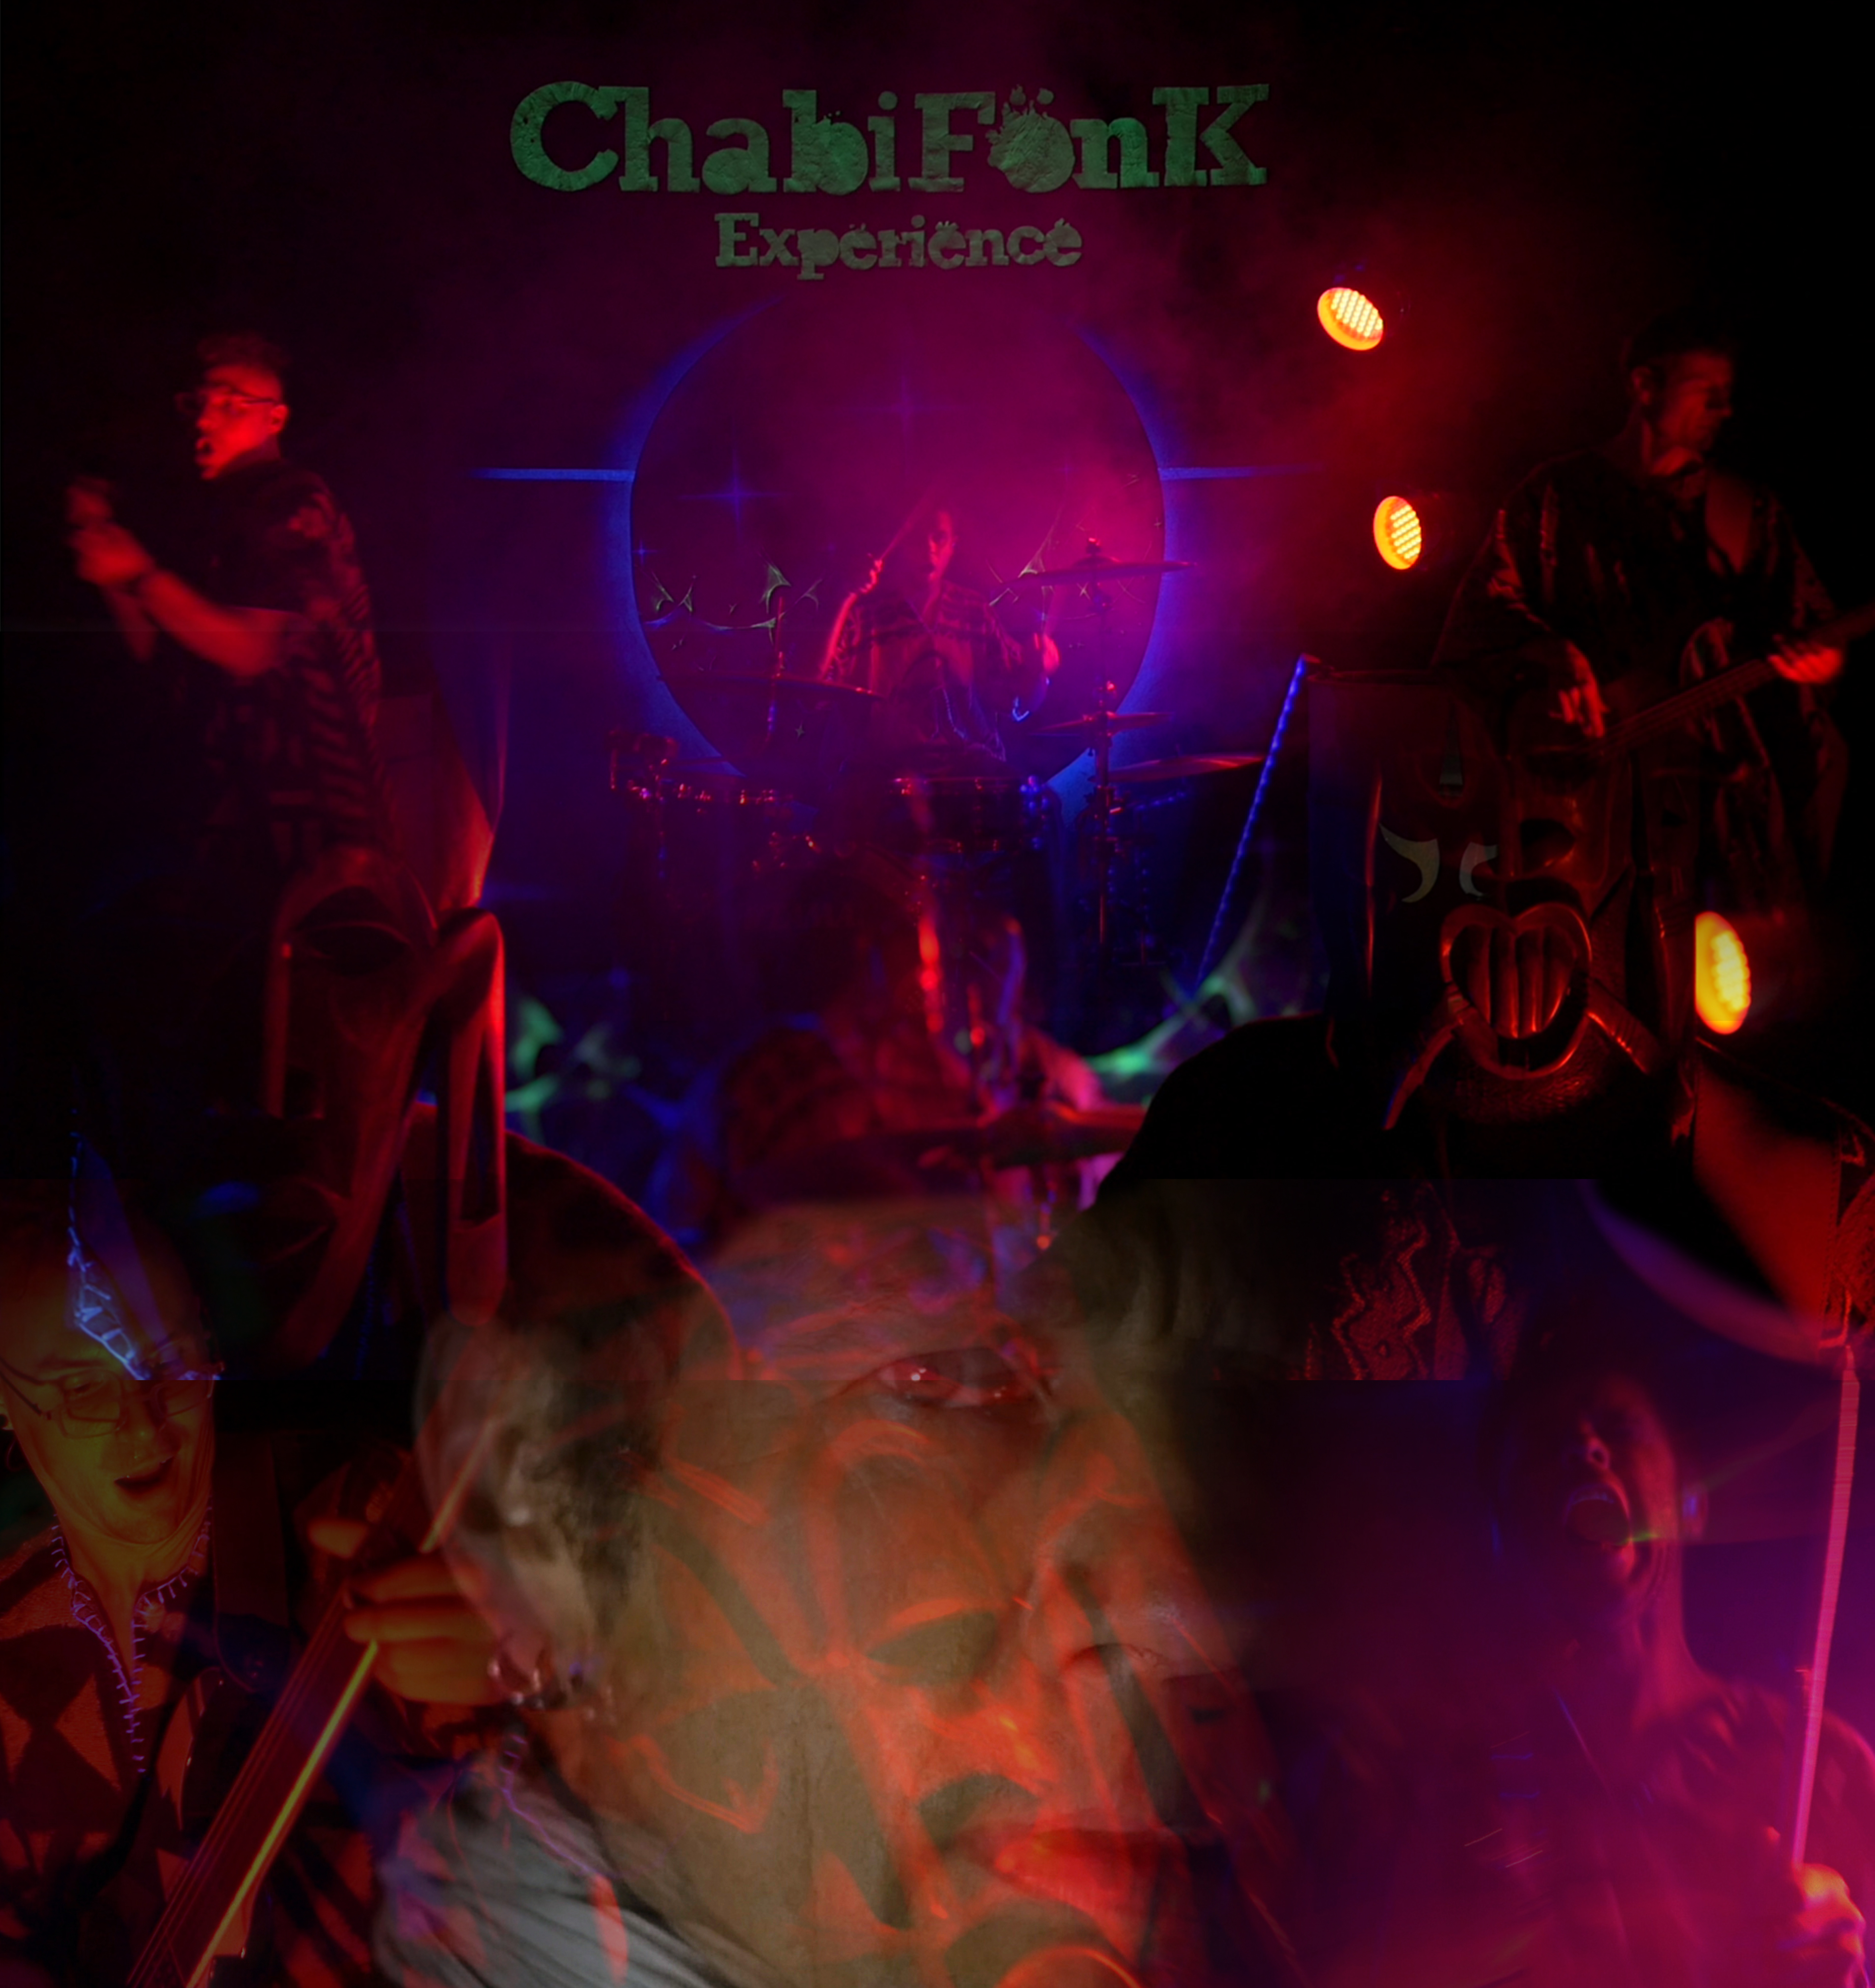 ChabIPS3